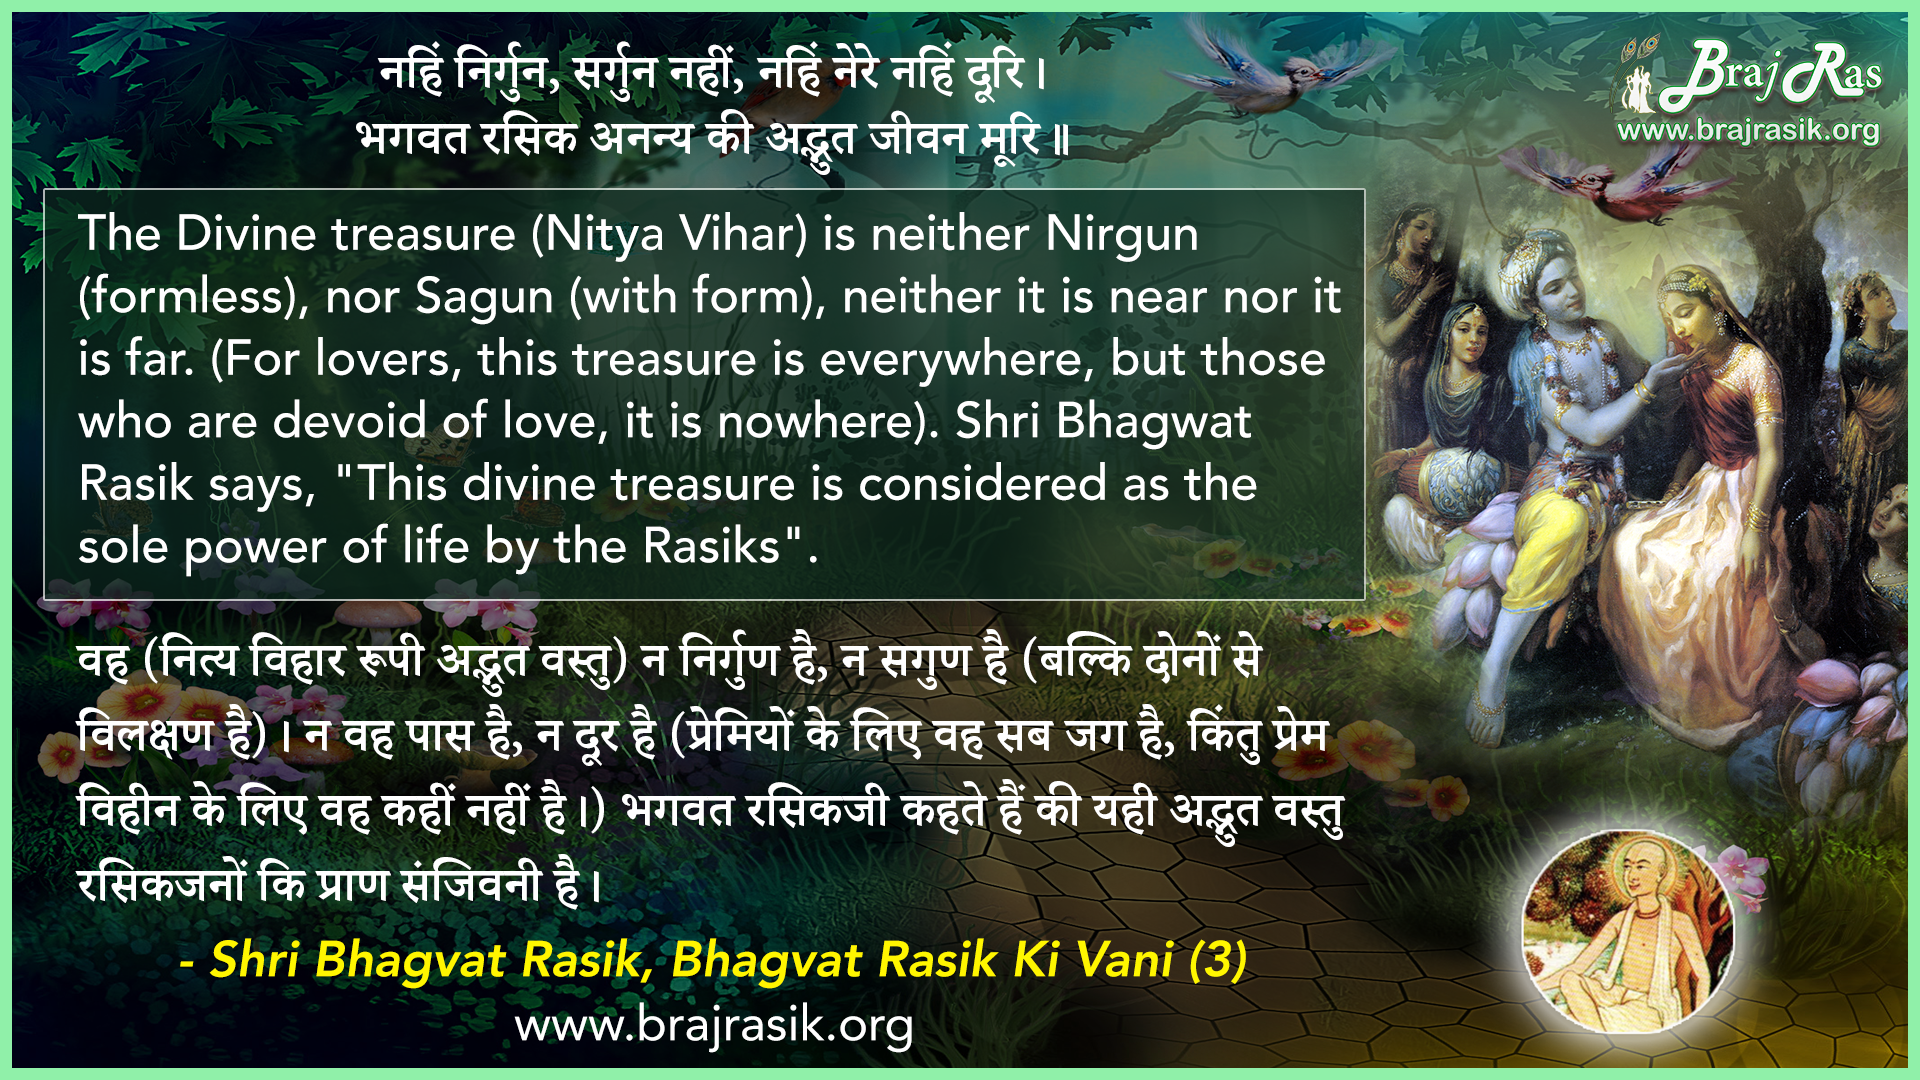 Nahin Nirgun, Sargun Nahin - Shri Bhagvat Rasik, Bhagvat Rasik Ki Vani (3)